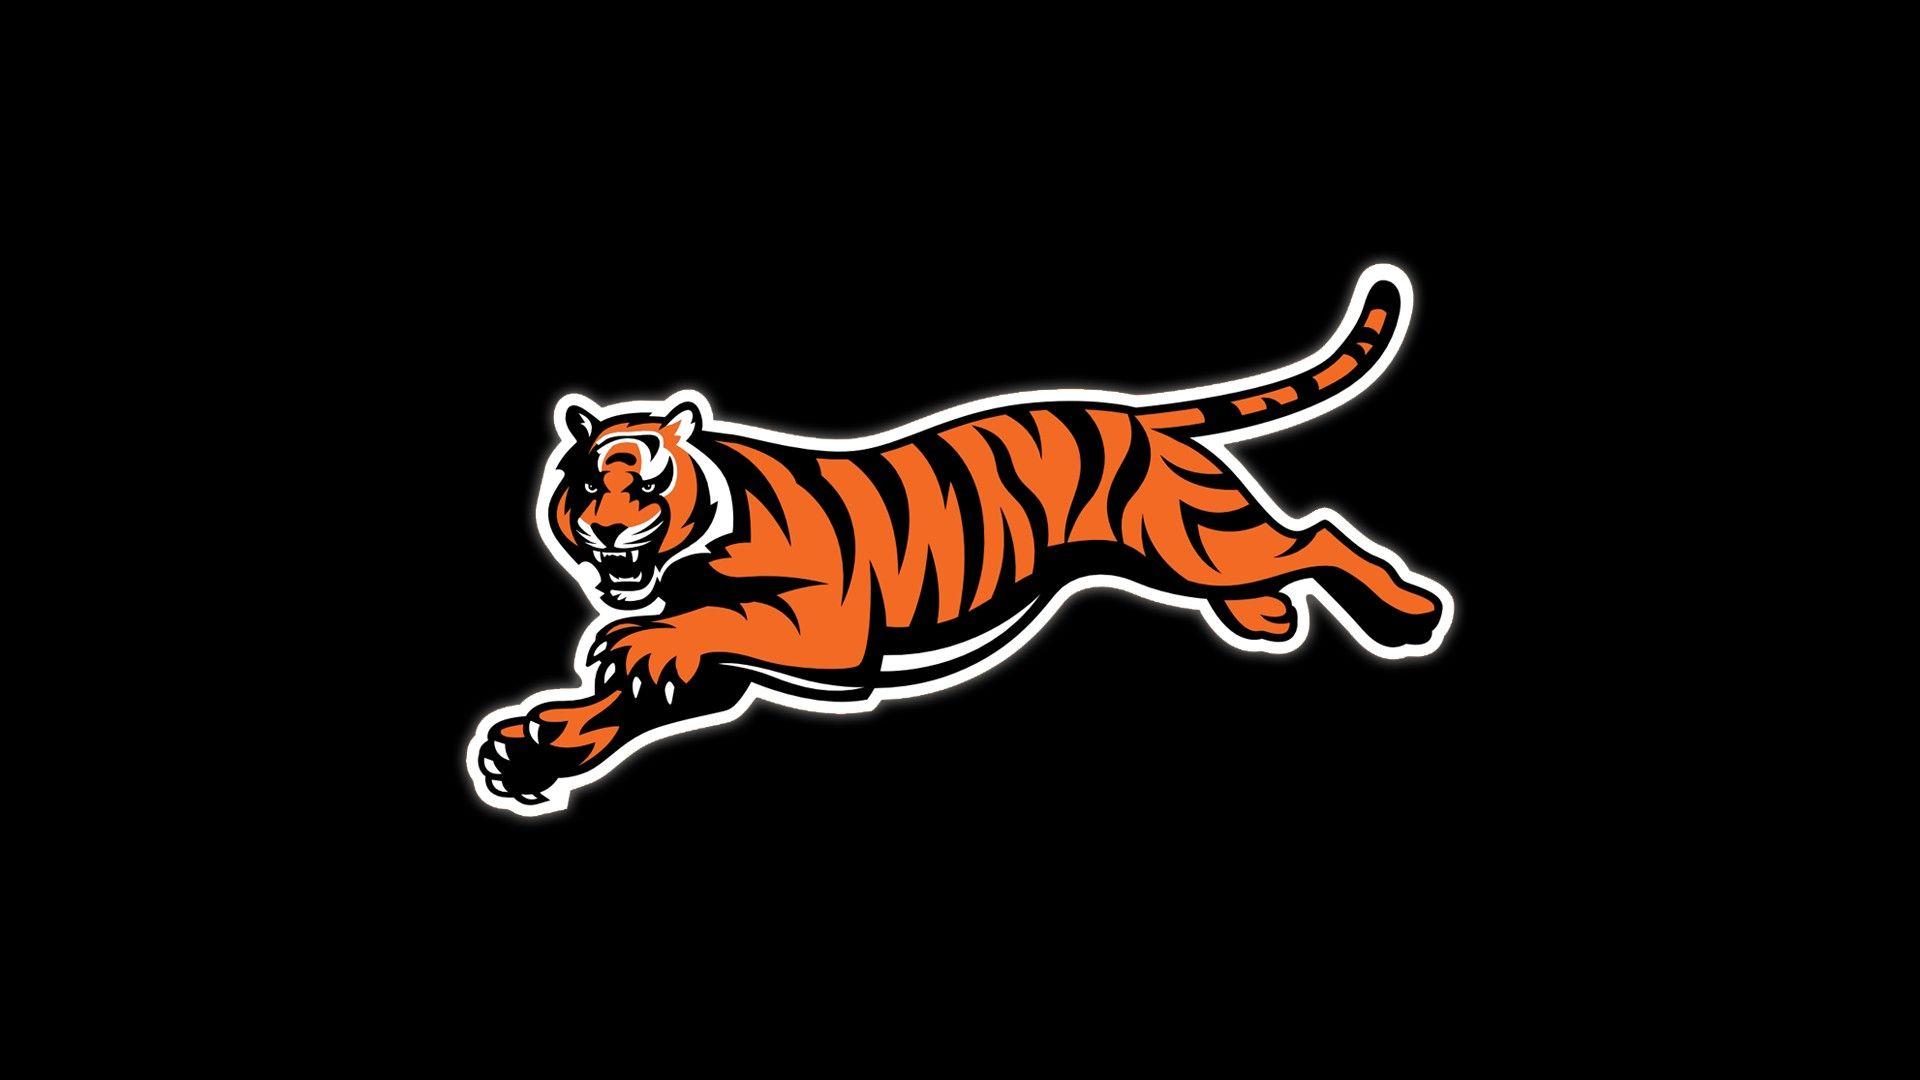 Cincinnati Bengals Background